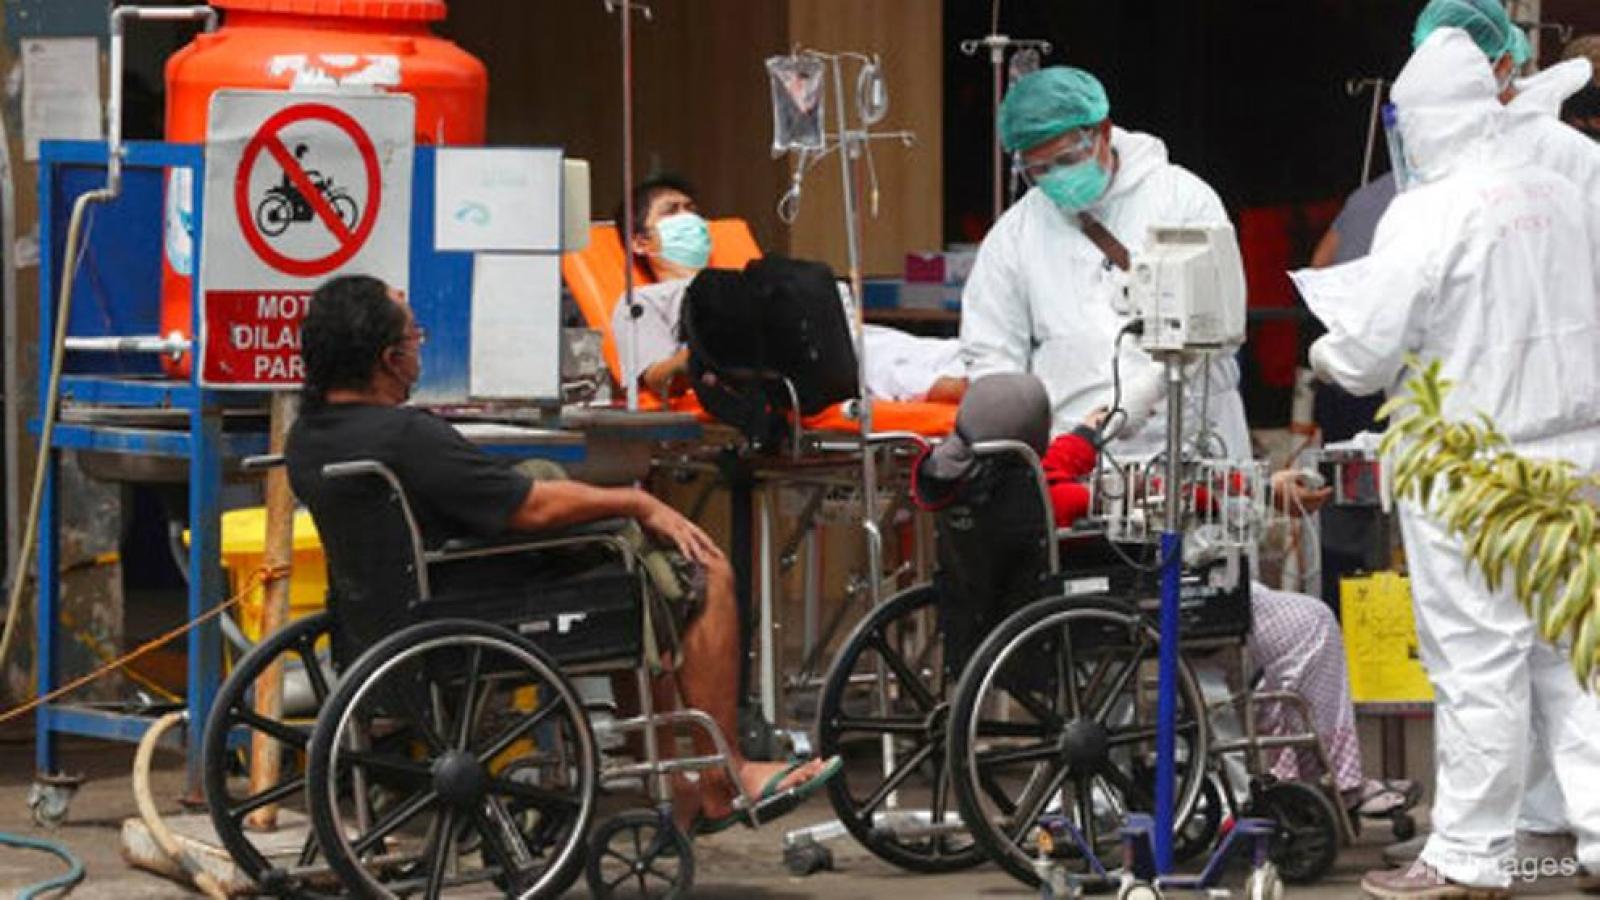 Indonesia: Hệ thống y tế quá tải, bệnh nhân Covid-19 vật vã tự điều trị tại nhà